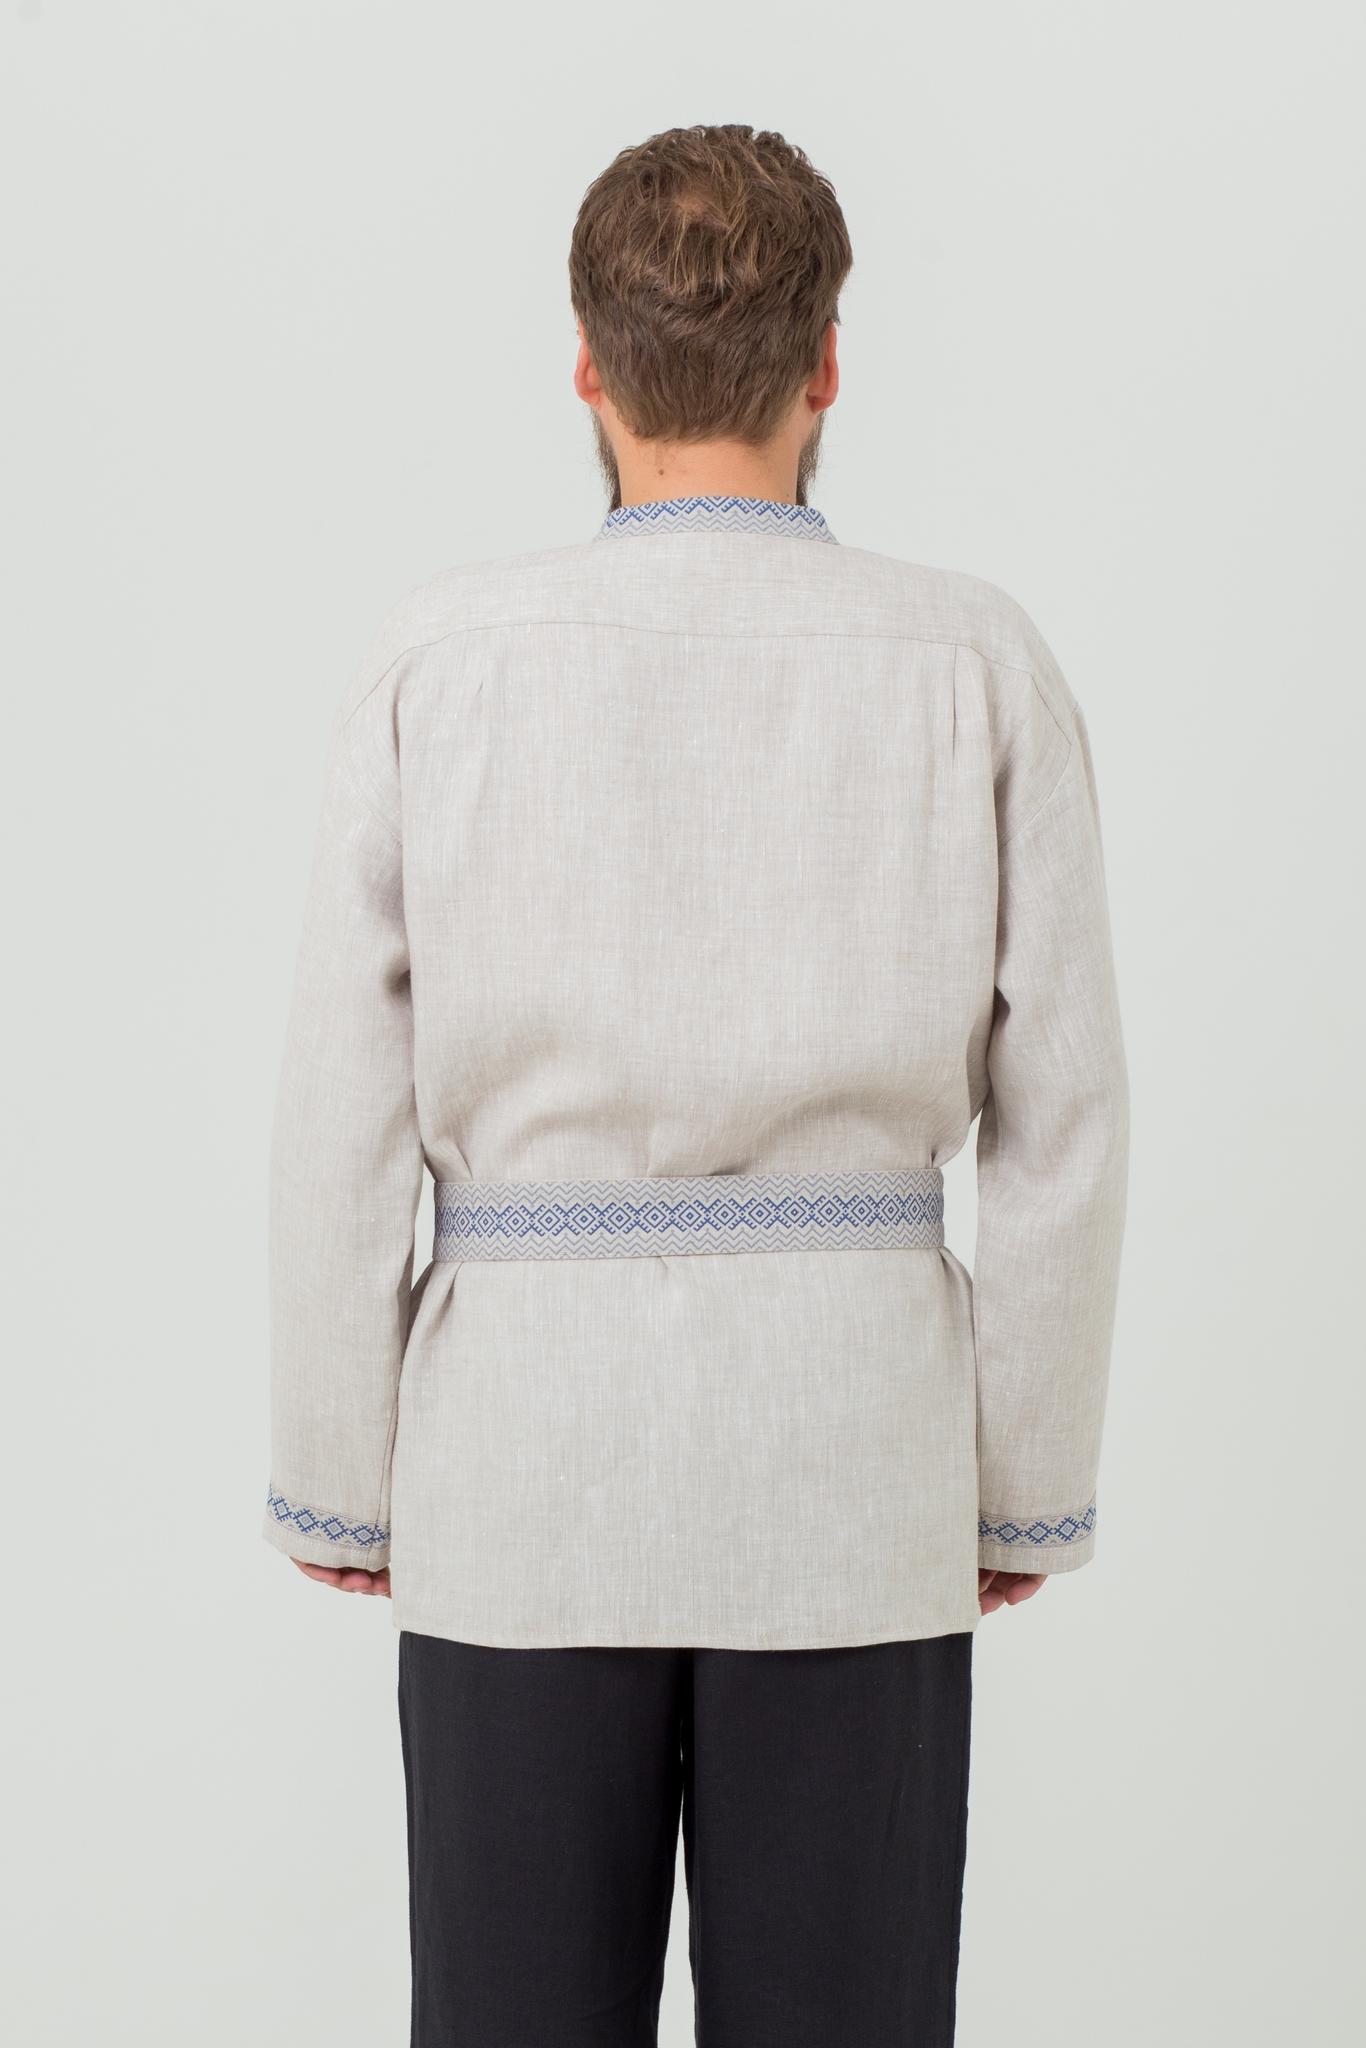 Русская народная рубаха Льняной дождь купить